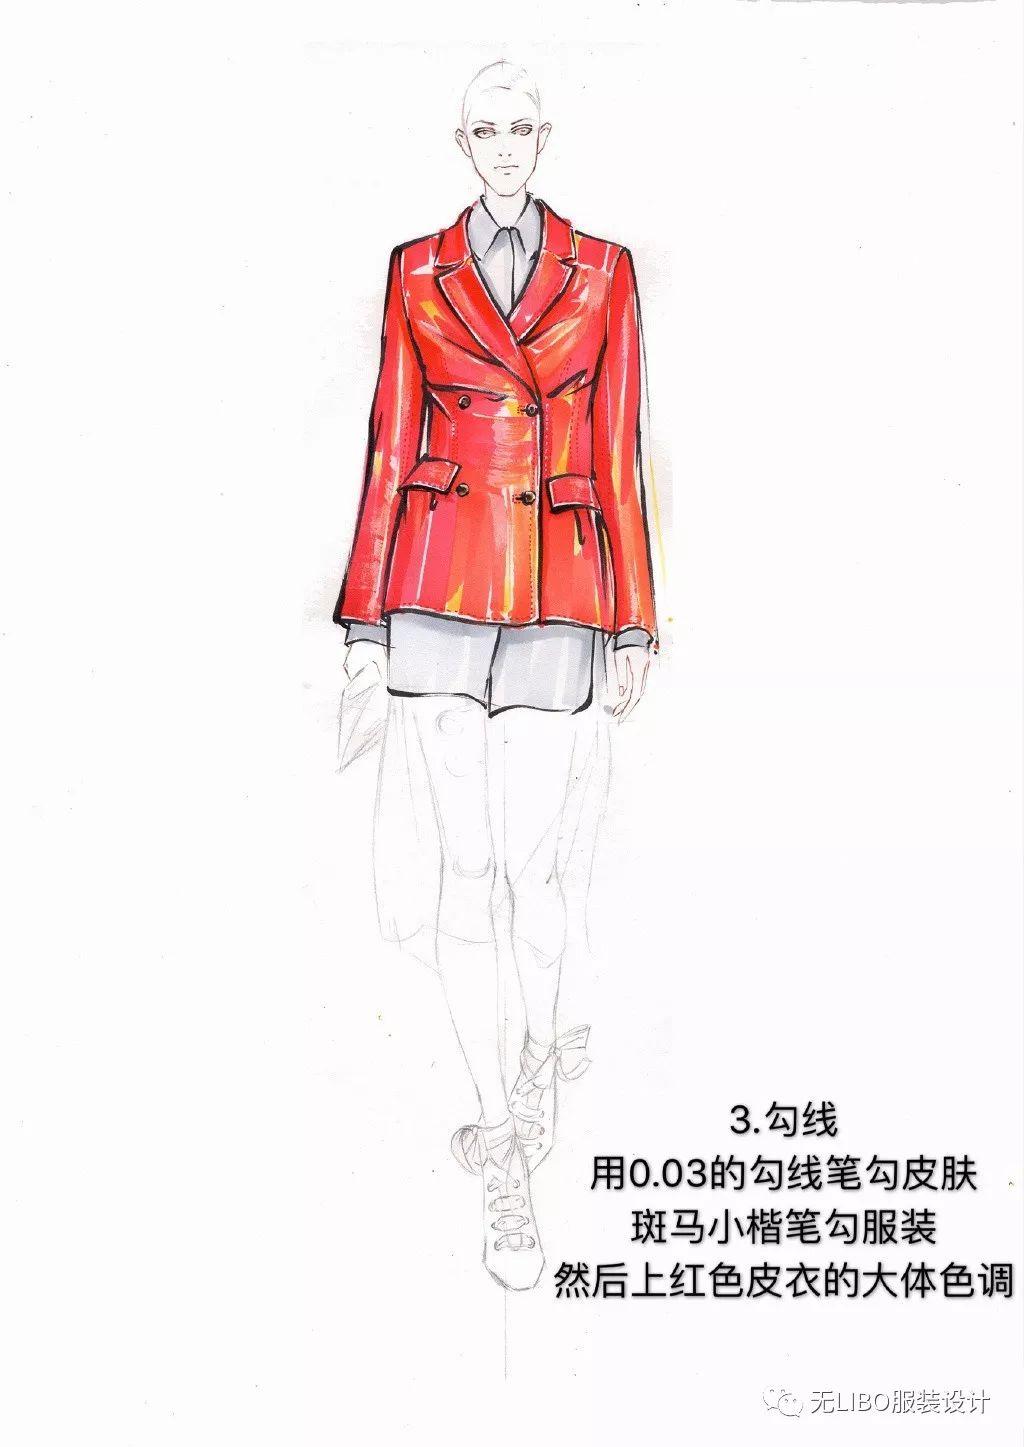 黄哲马克笔服装效果图手绘第一课:认识服饰人体模特